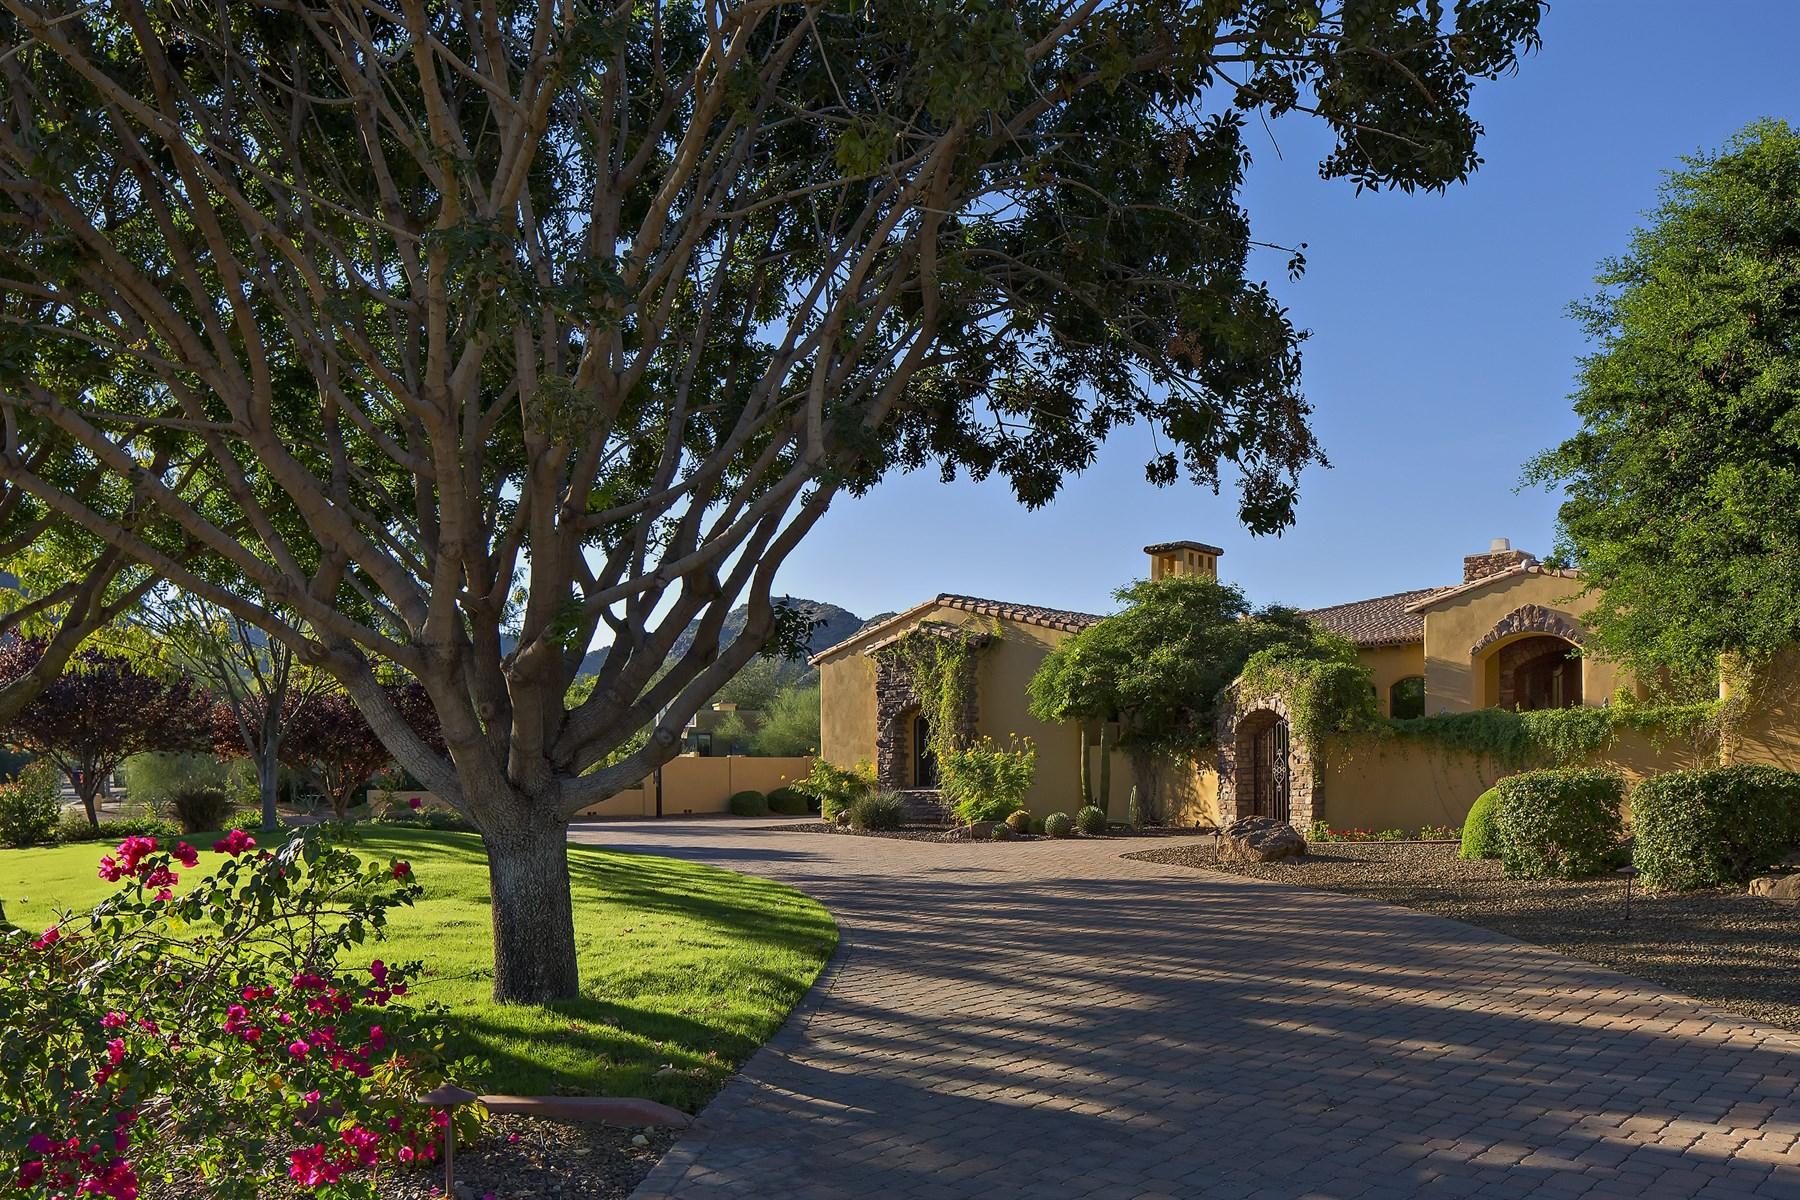 Maison unifamiliale pour l Vente à Custom home built in 2002 by Catalina on a spacious 1.13 acre lot. 6600 E HUMMINGBIRD LN Paradise Valley, Arizona 85253 États-Unis